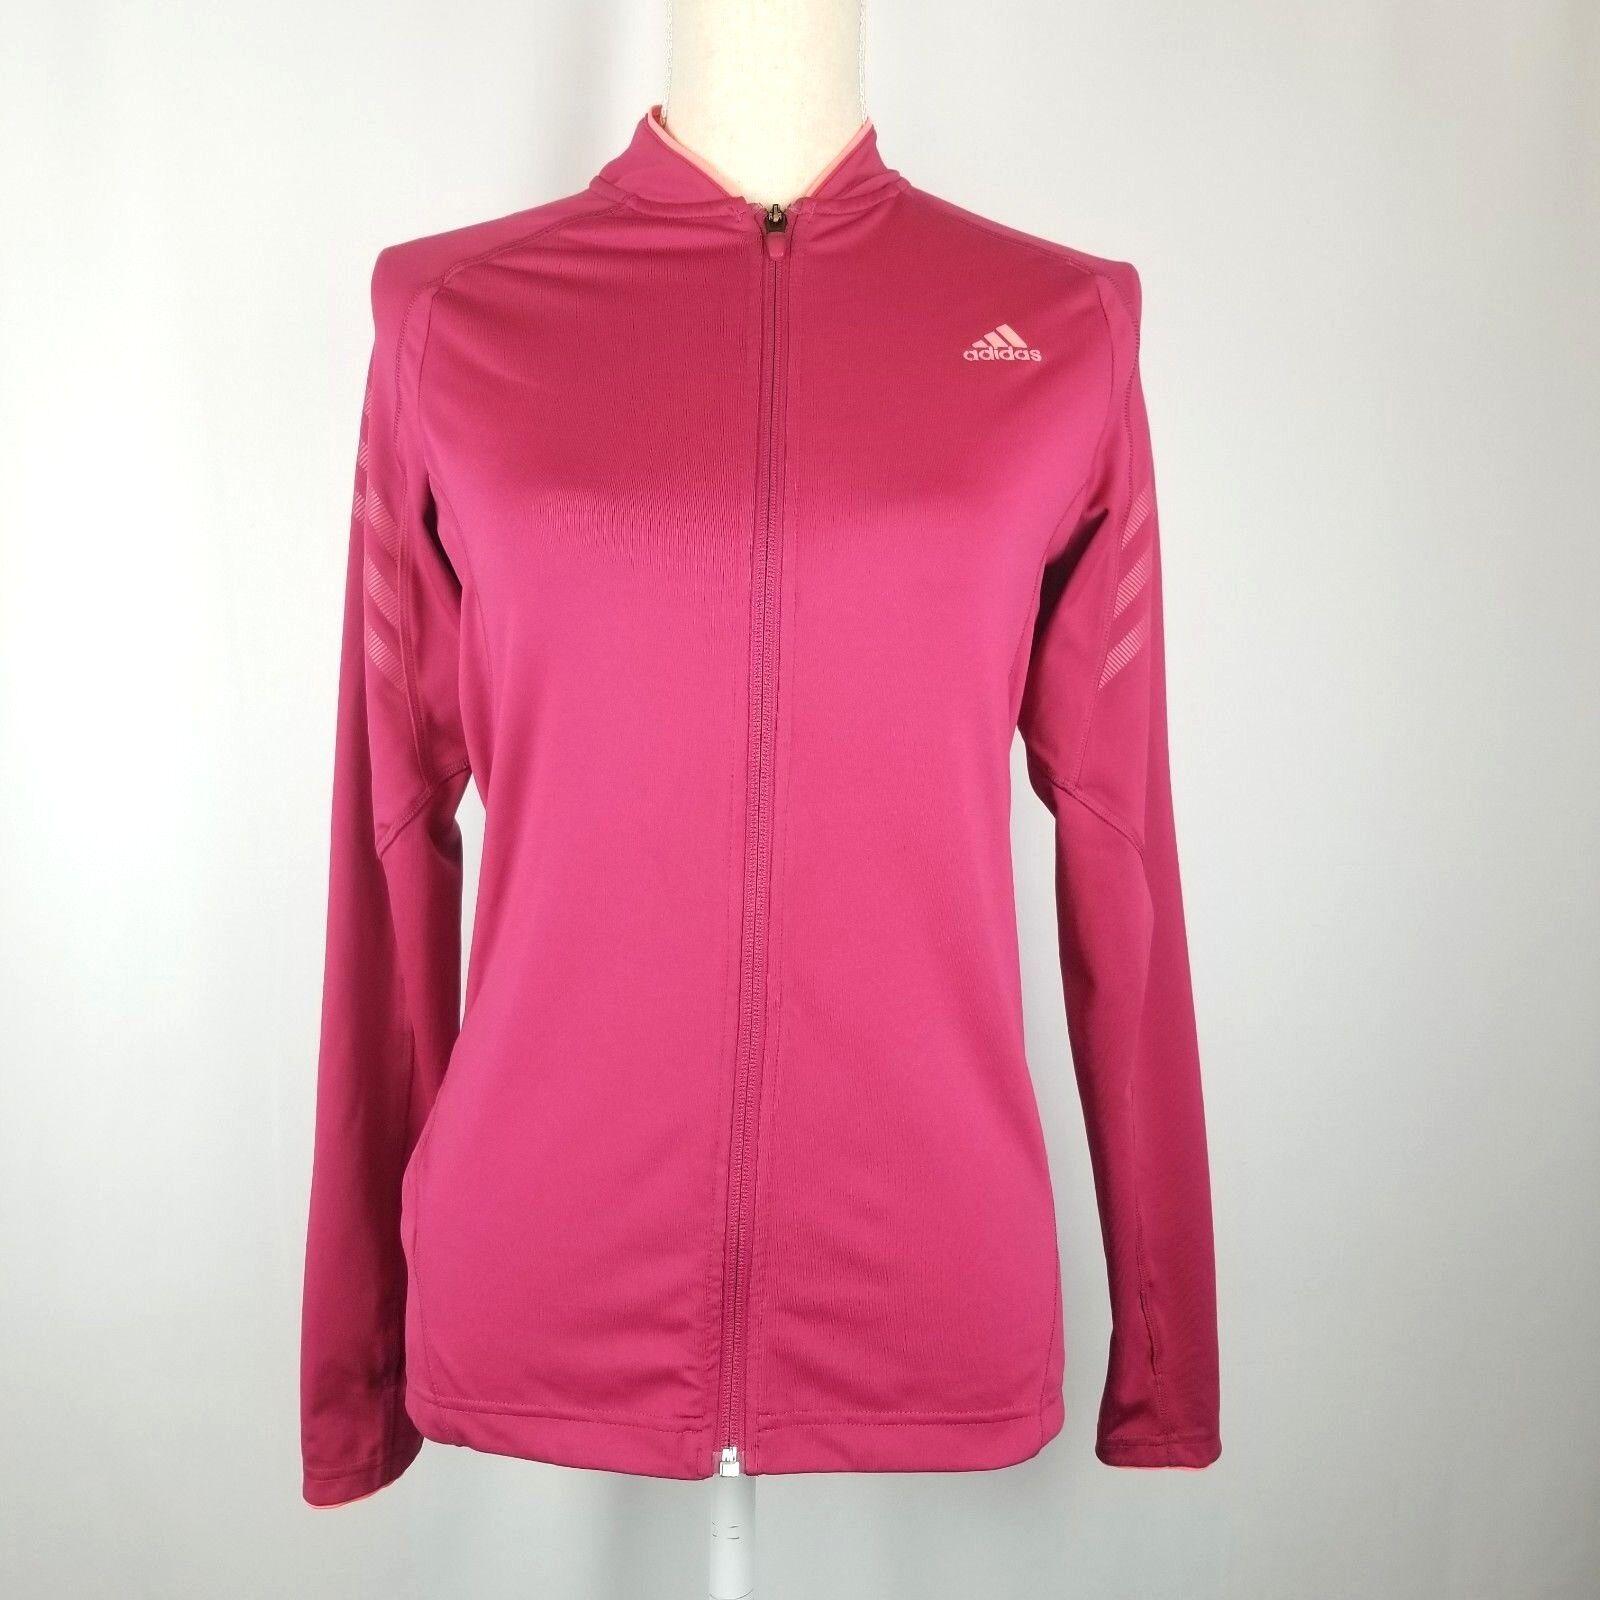 Adidas Climalite Womens Running Supernova Rózsaszín Jacket Zip cipő teljes méret